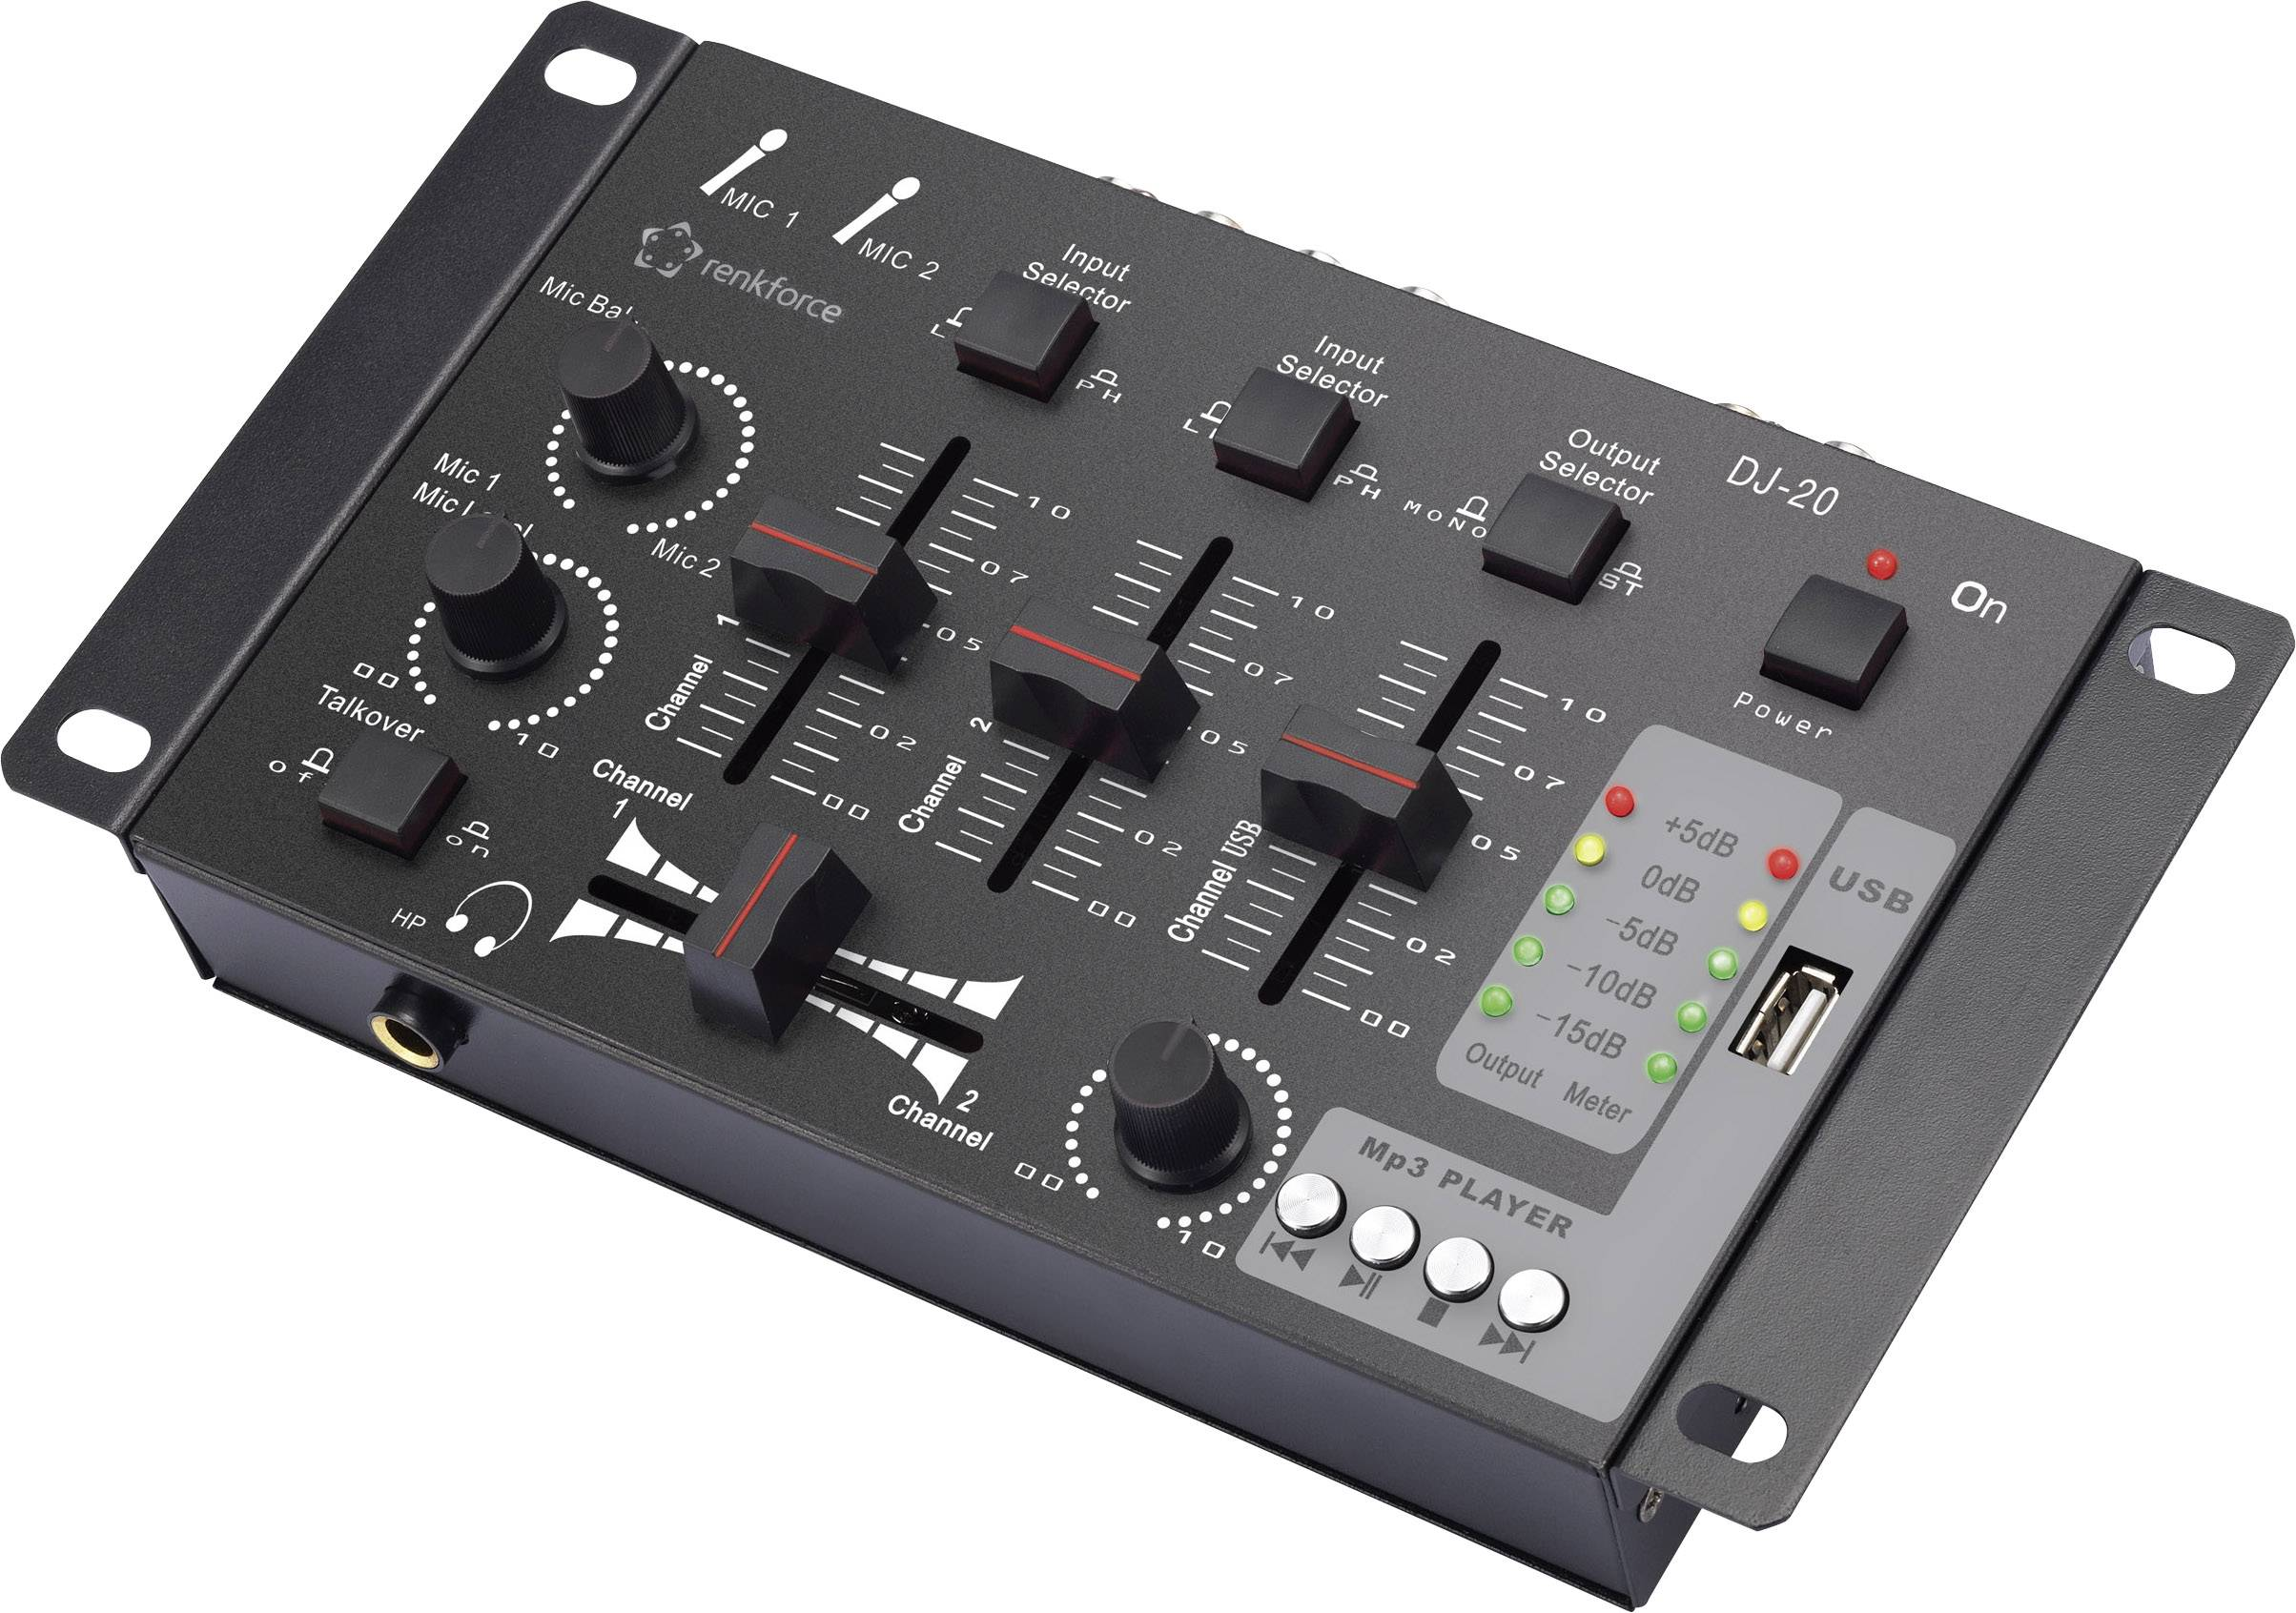 DJ mixážny pult Renkforce DJ20, 2-kanálové stereo, USB vstup